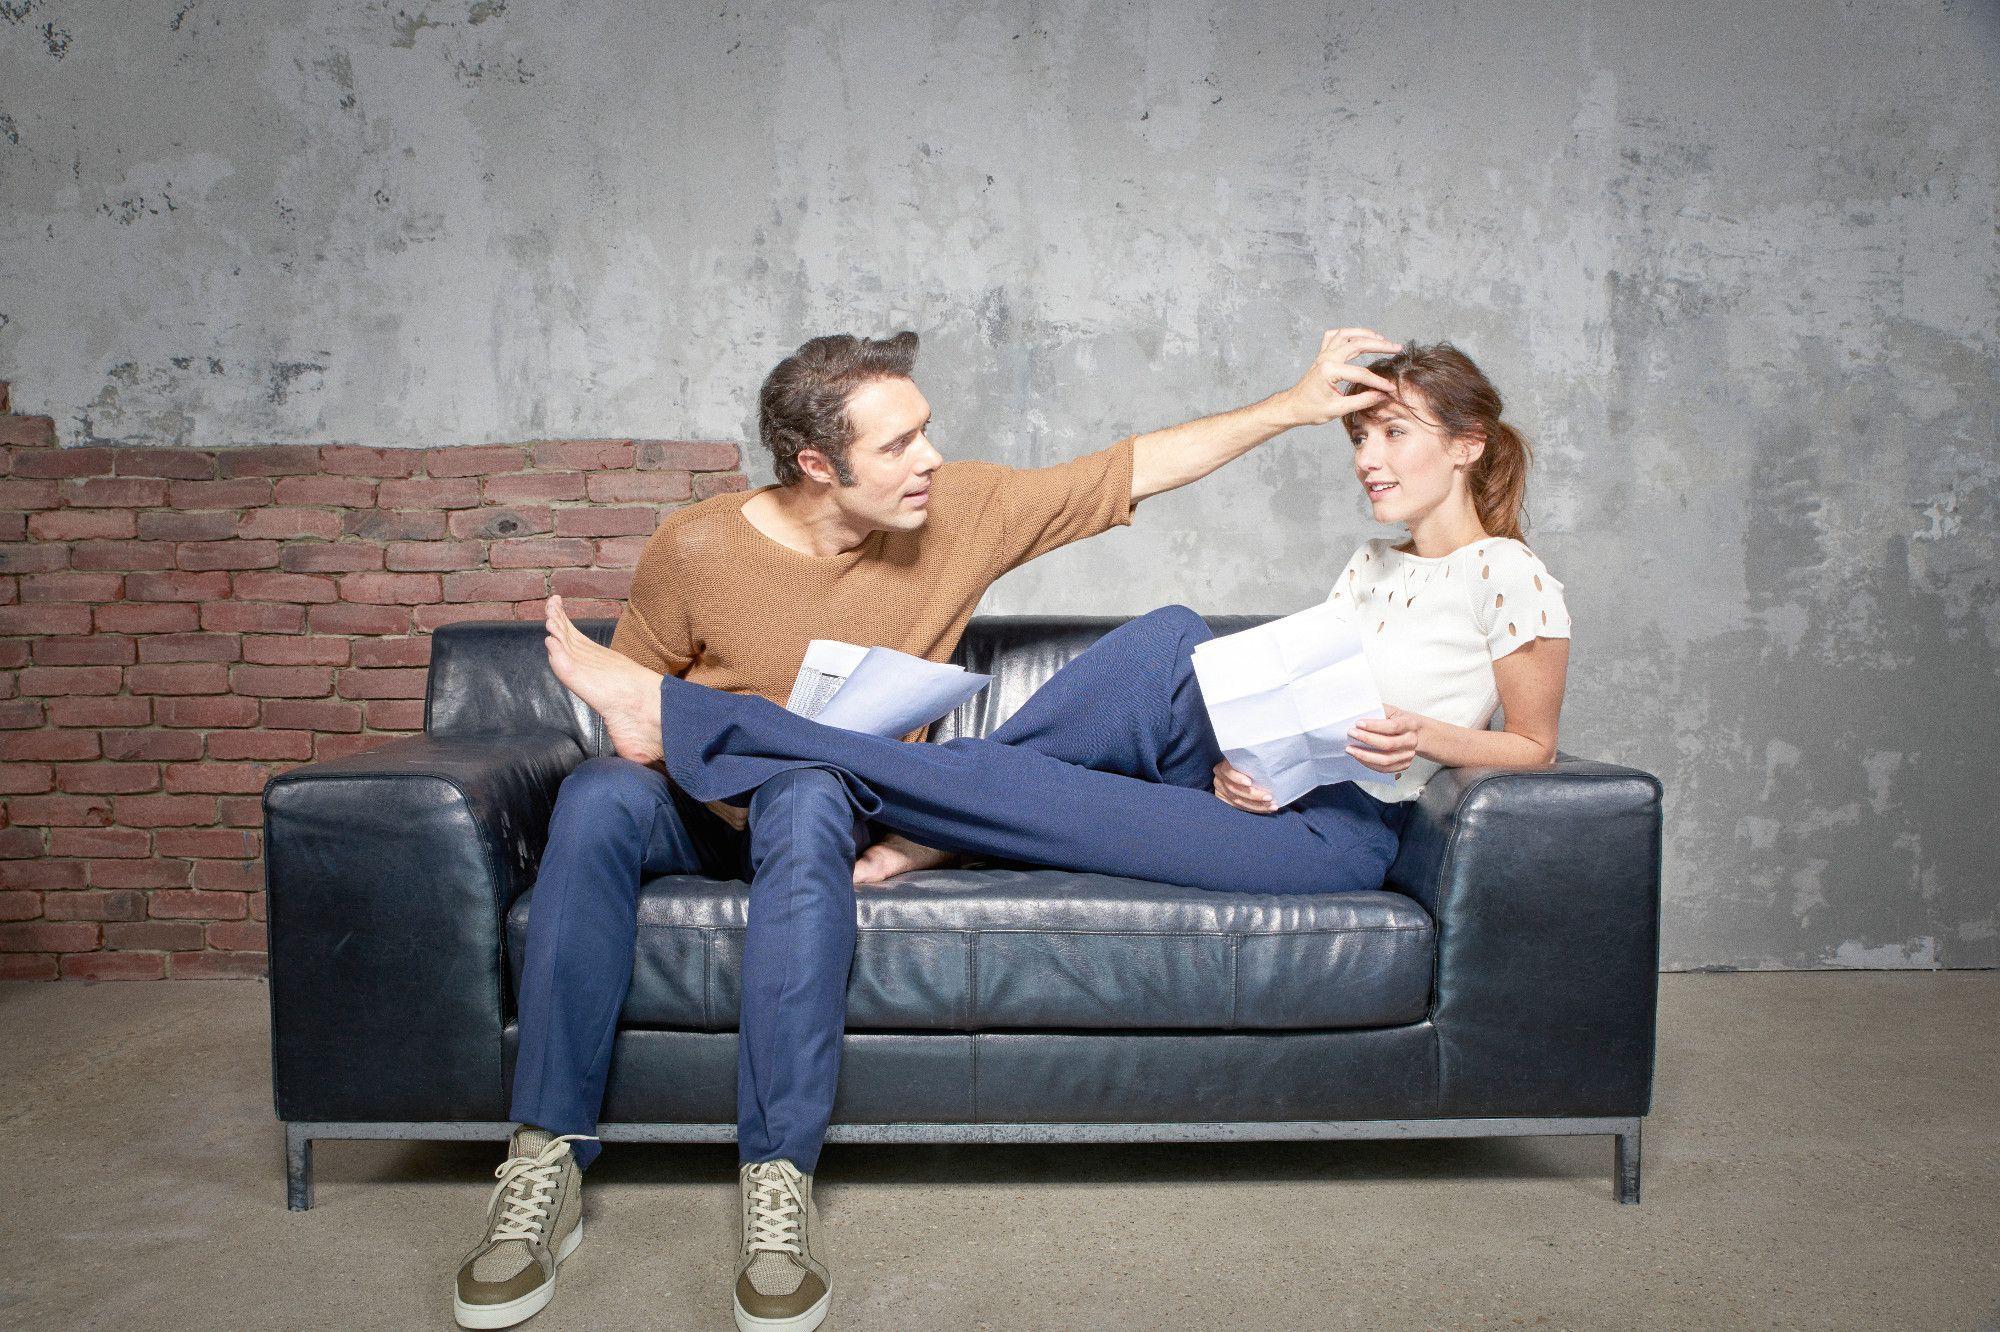 Doria Tillier et Nicolas Bedos: ils s'aiment, mais c'est compliqué